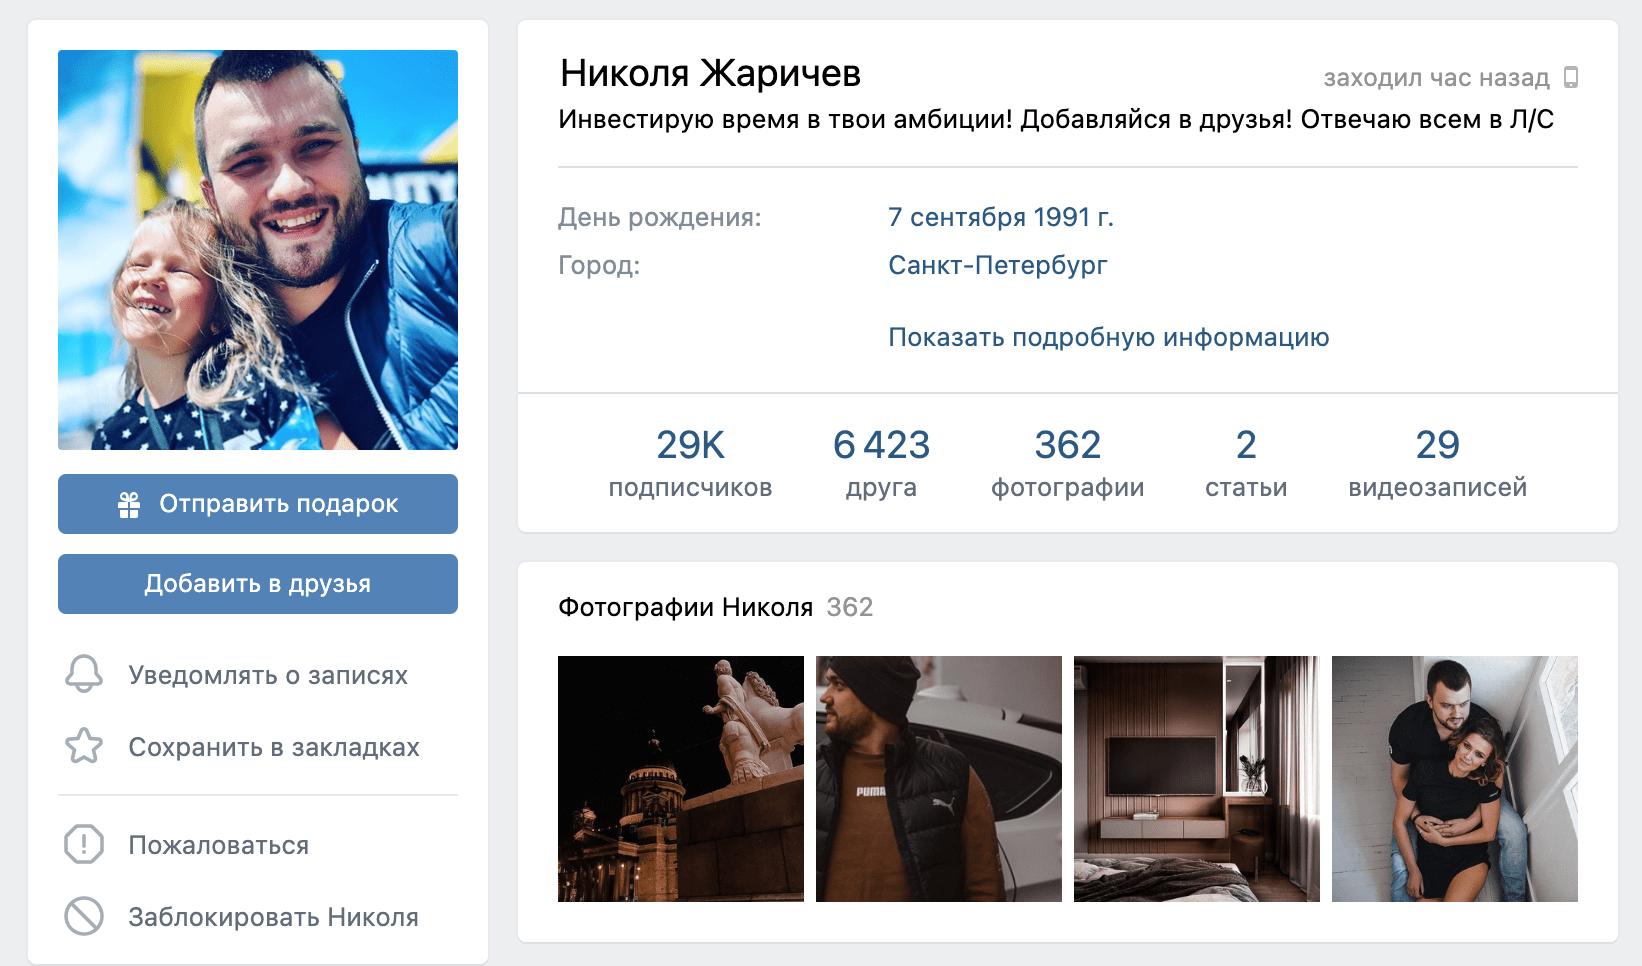 Страница ВК Николая Жаричева основателя Pro100.game(Про100 гейм)